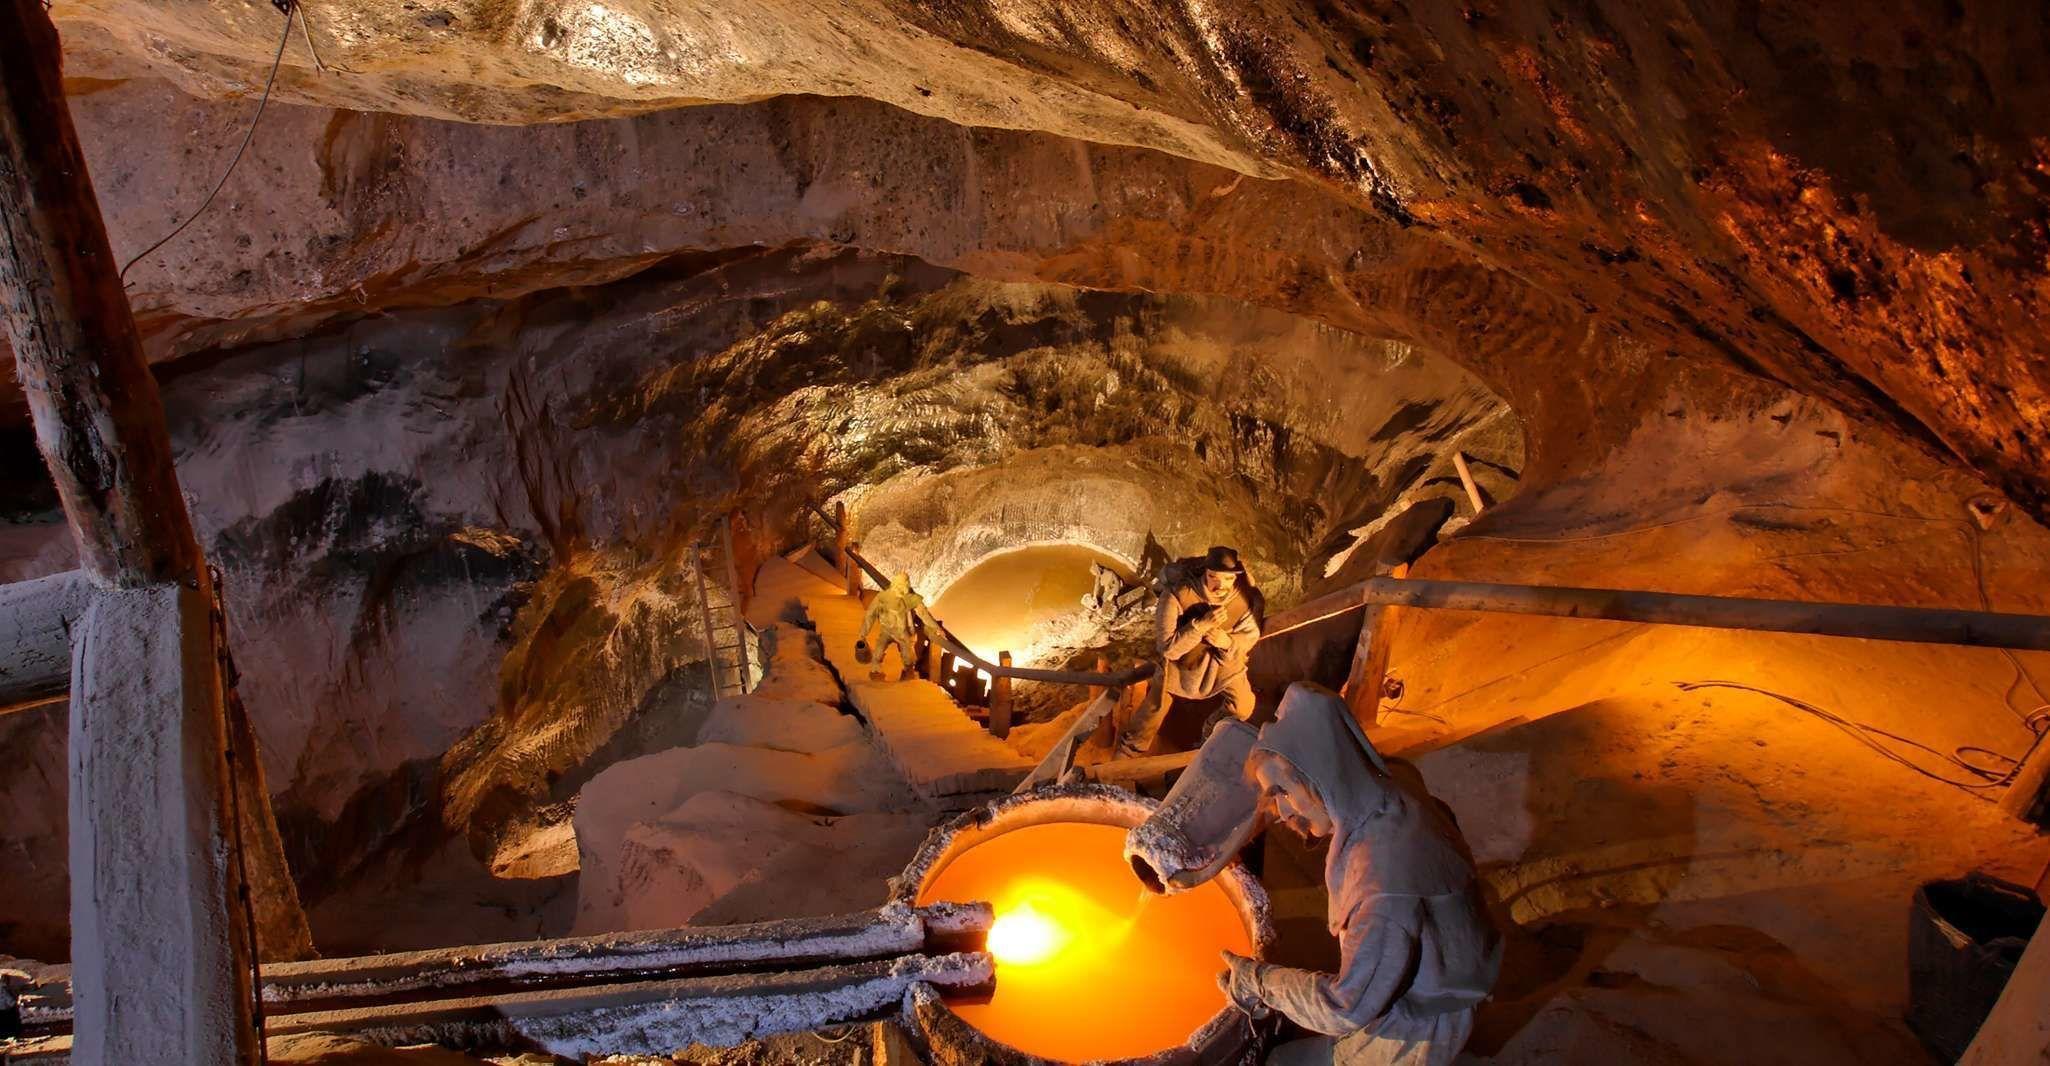 Wieliczka Salt Mine: Guided Tour